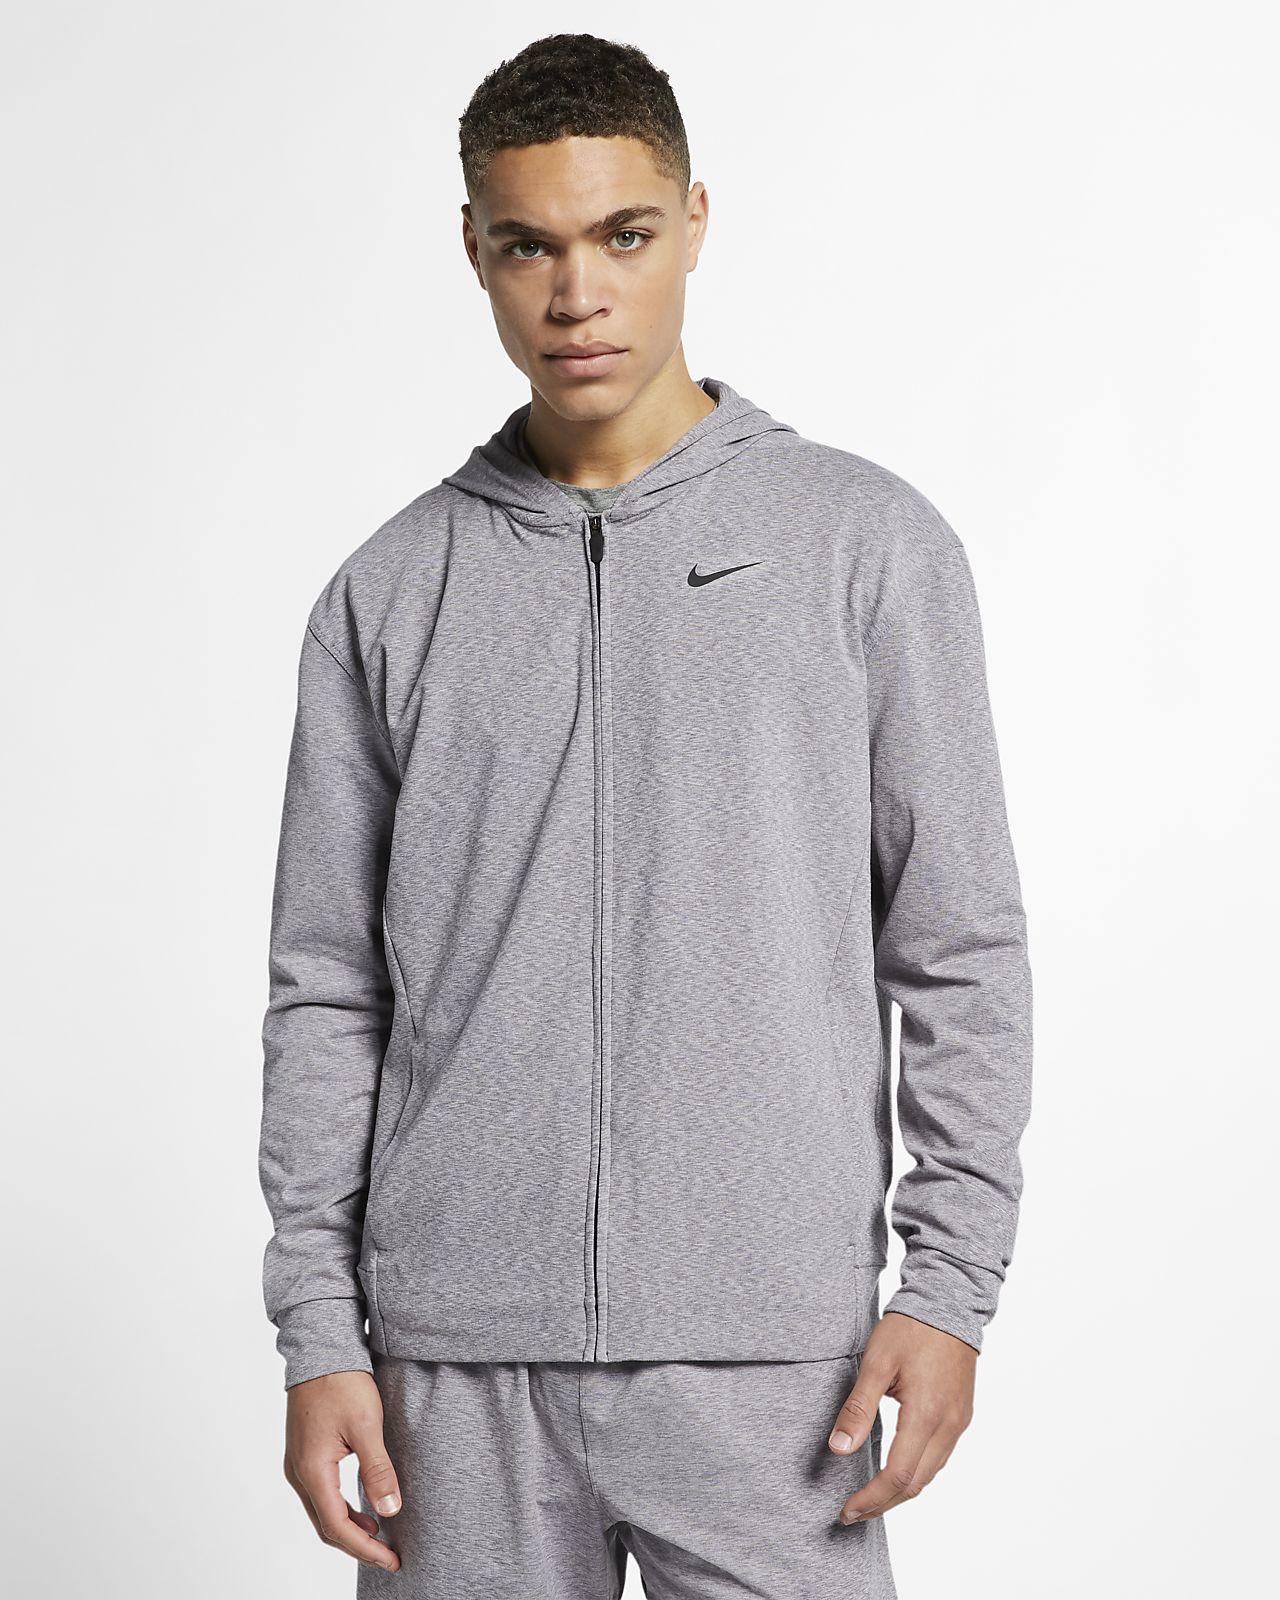 Hoodie de ioga com fecho completo Nike Dri FIT para homem